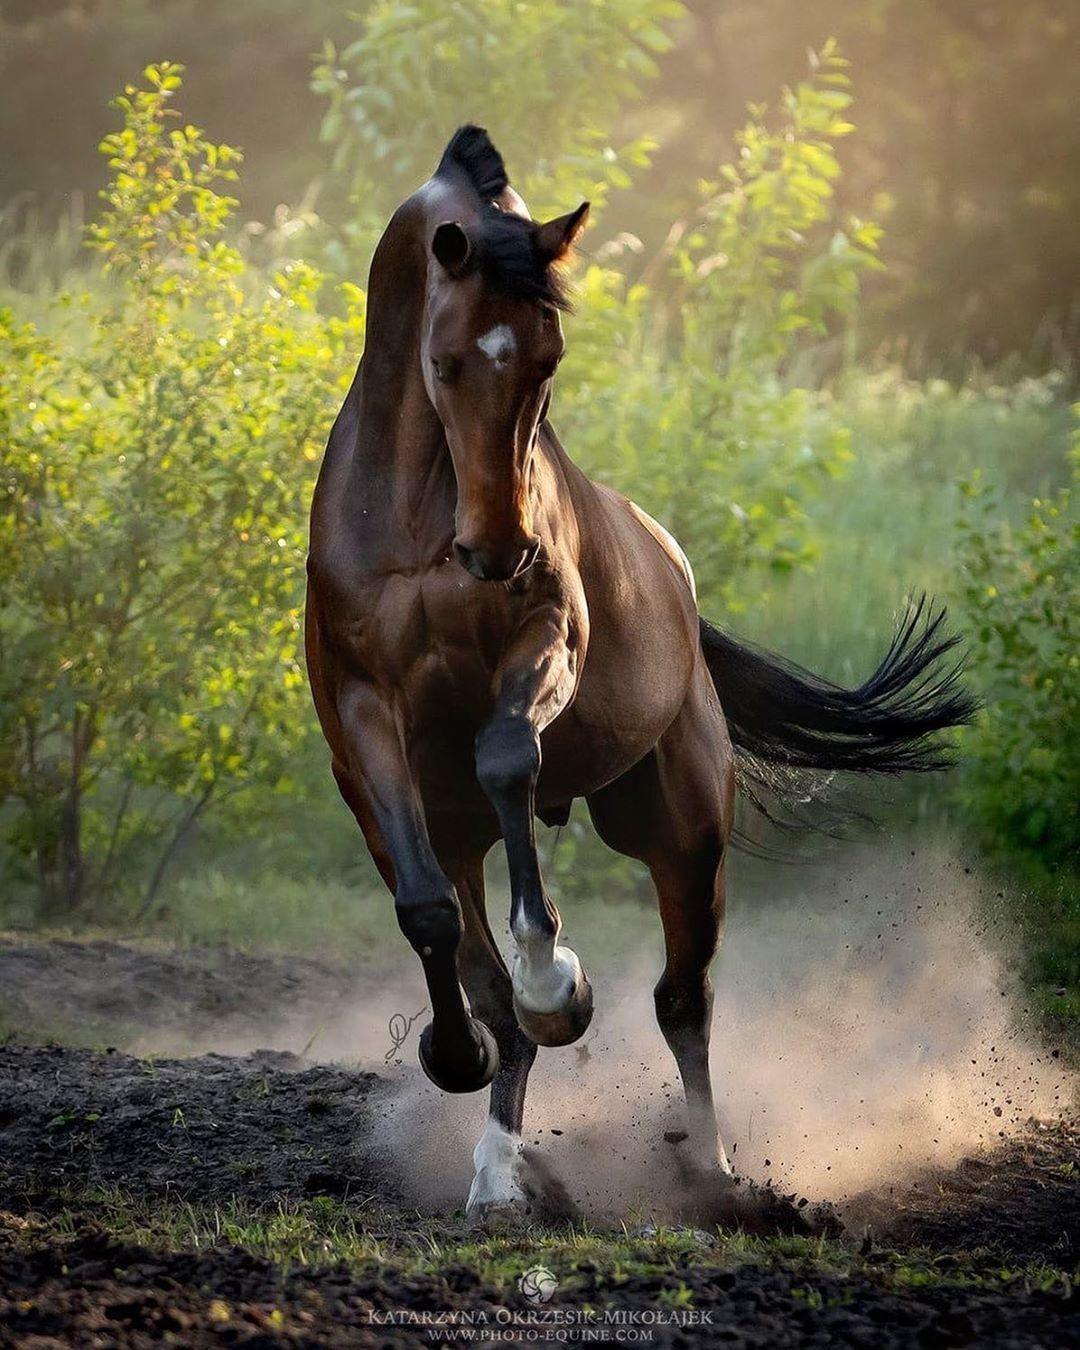 классная картинка с лошадью яркая прихватка